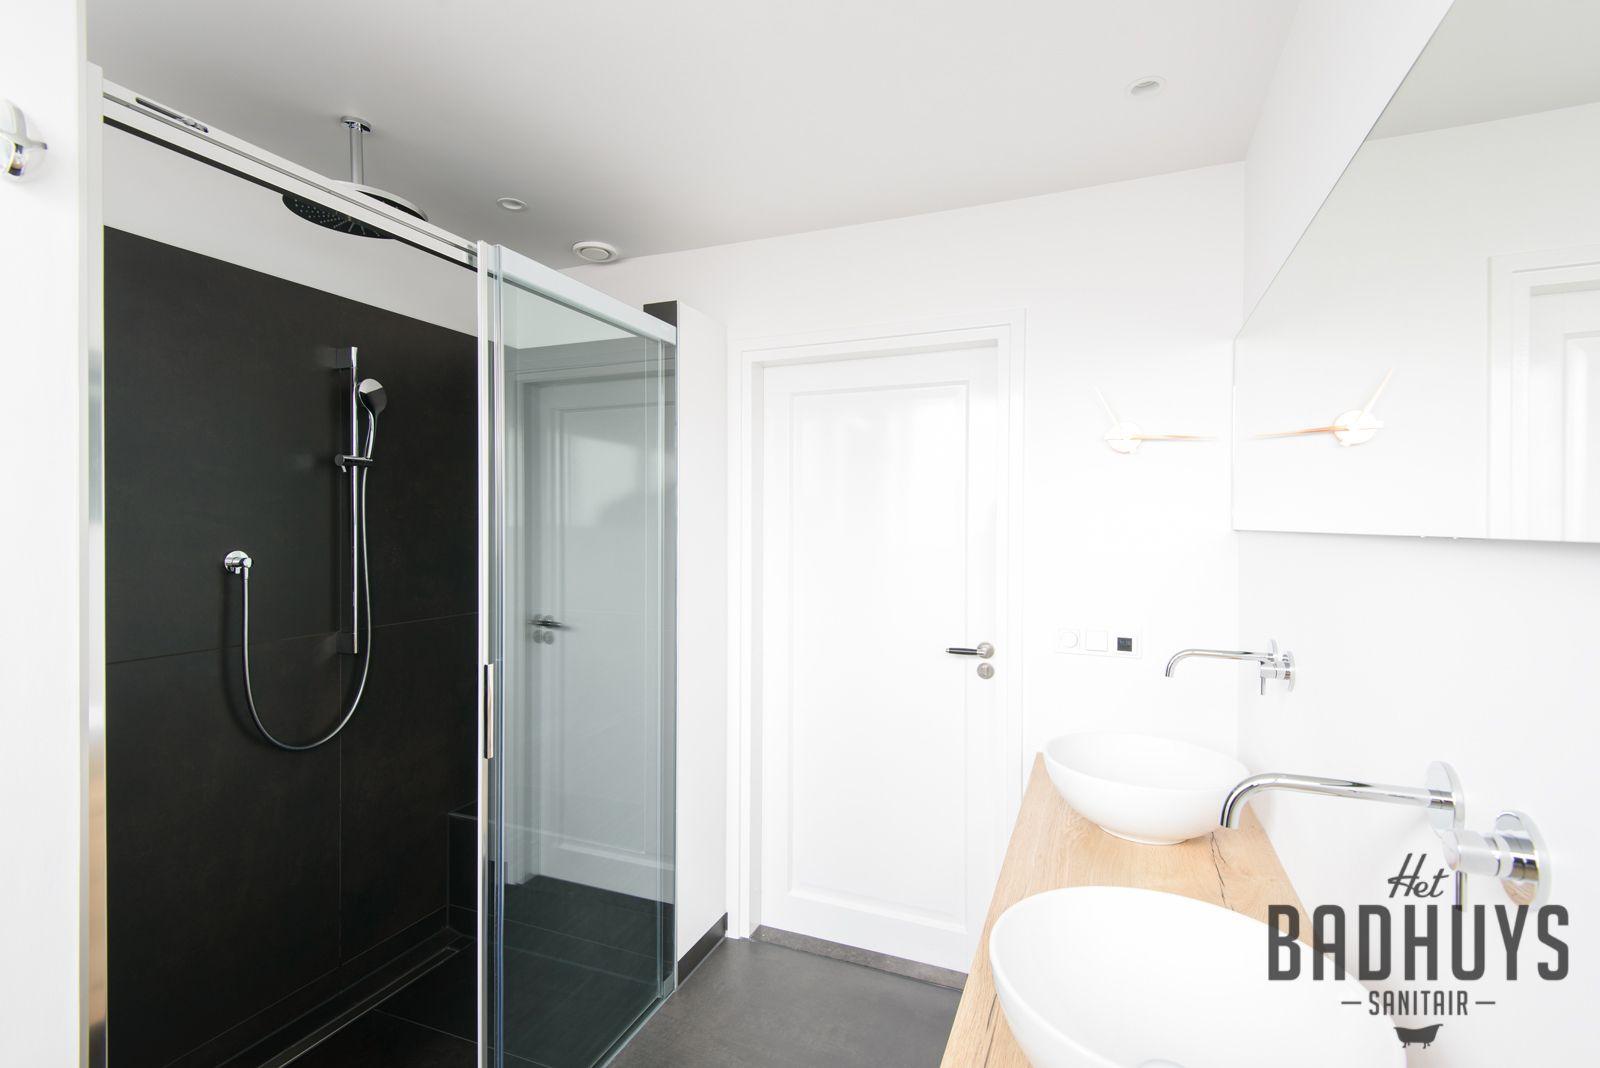 Wastafel Op Maat : Smaakvolle badkamer met wastafel op maat het badhuys moderne